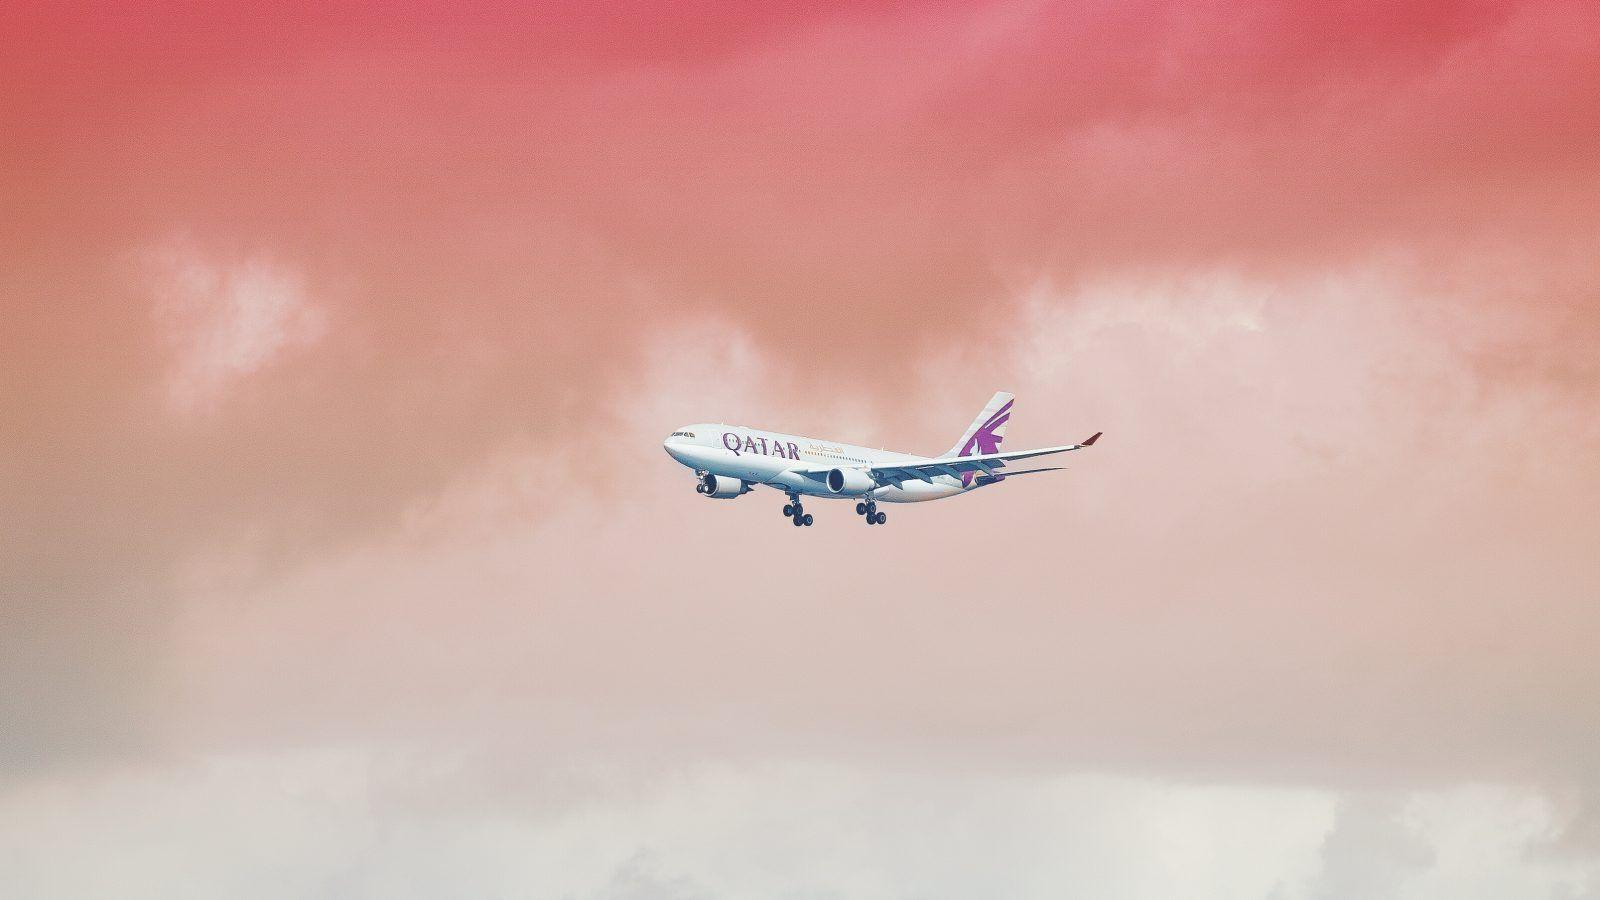 gezond vliegen, qatar airways